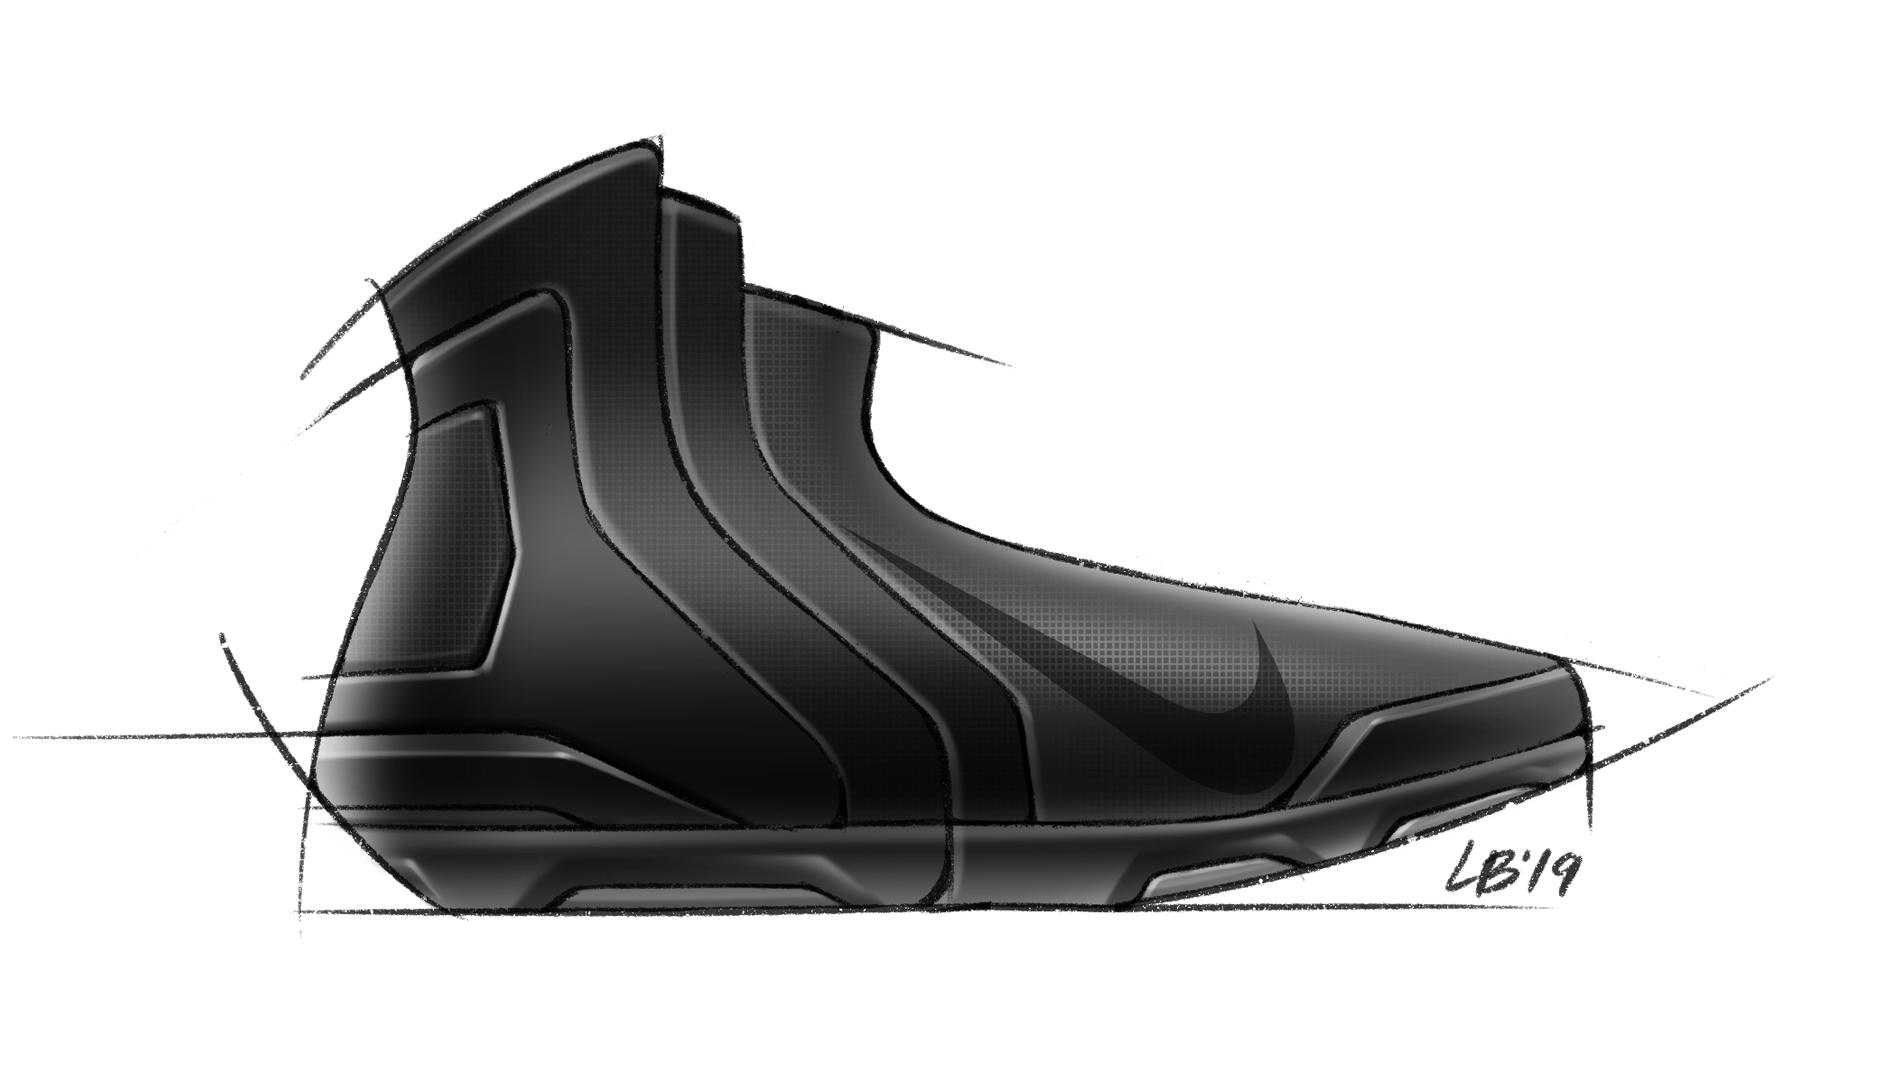 190313_sneakers-black-w.jpg